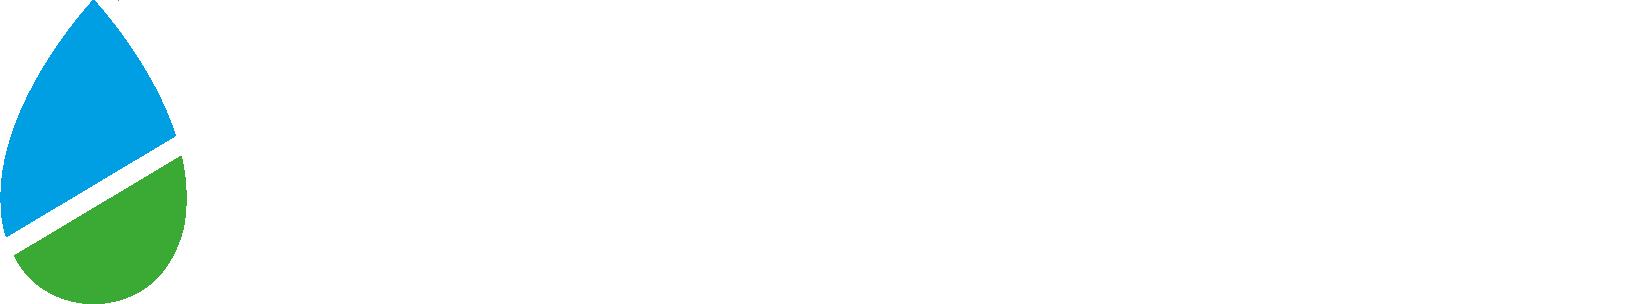 Airwatergreen AB